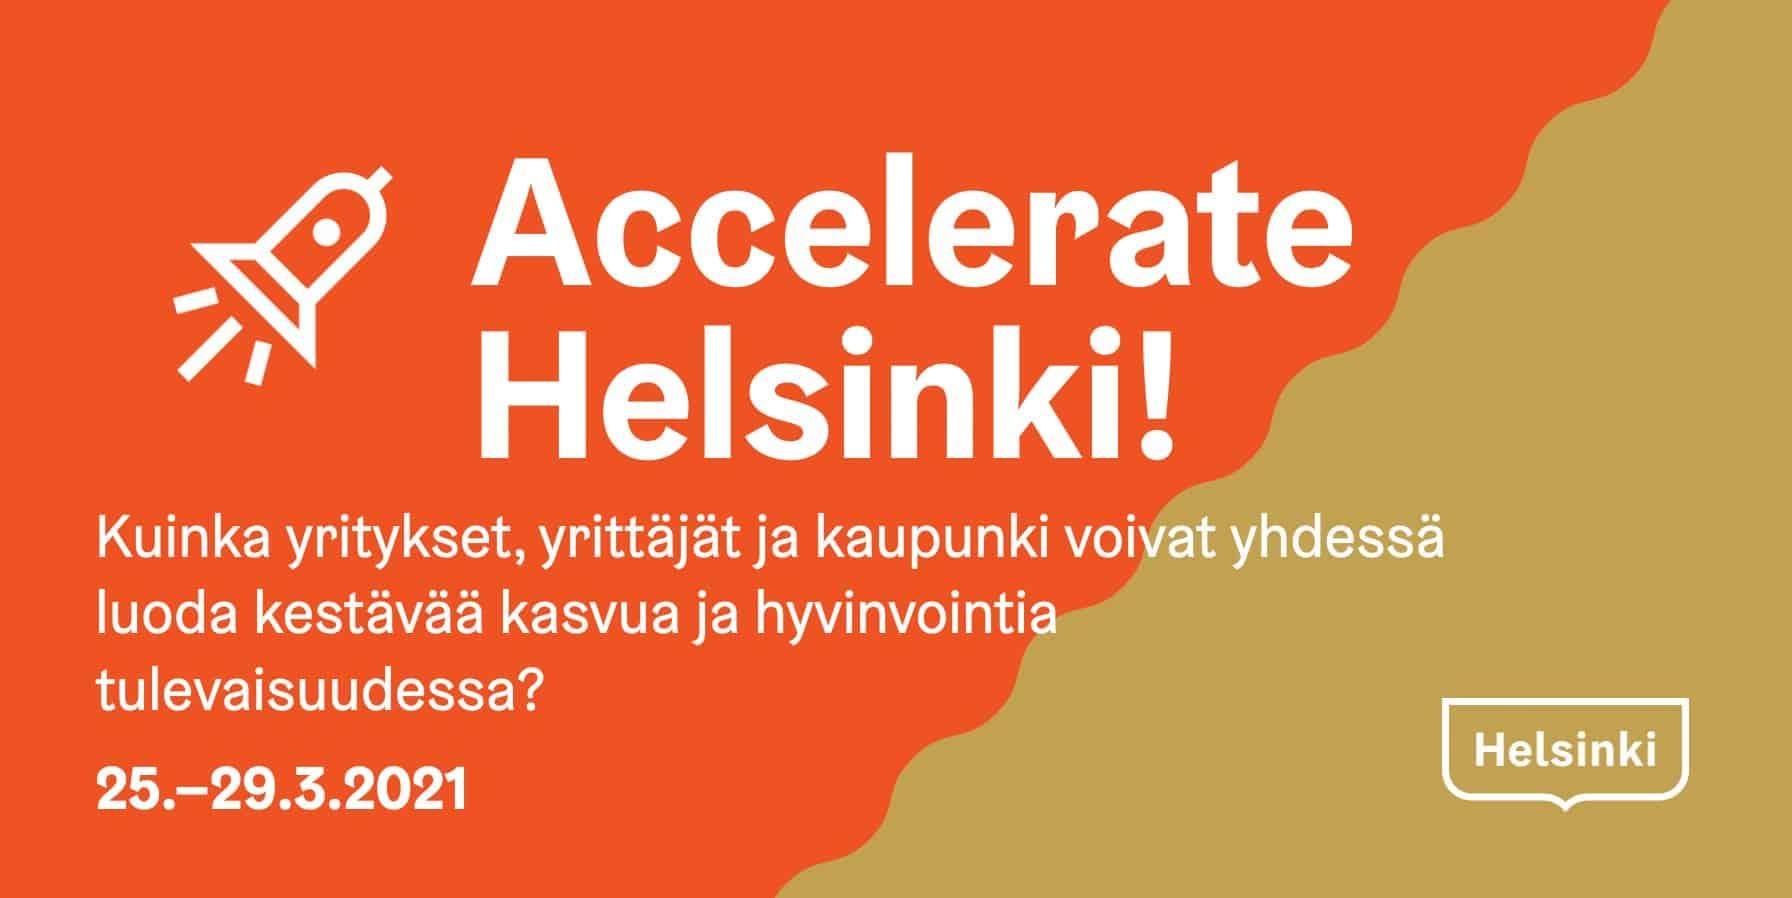 Accelerate Helsinki -tapahtuman mainos